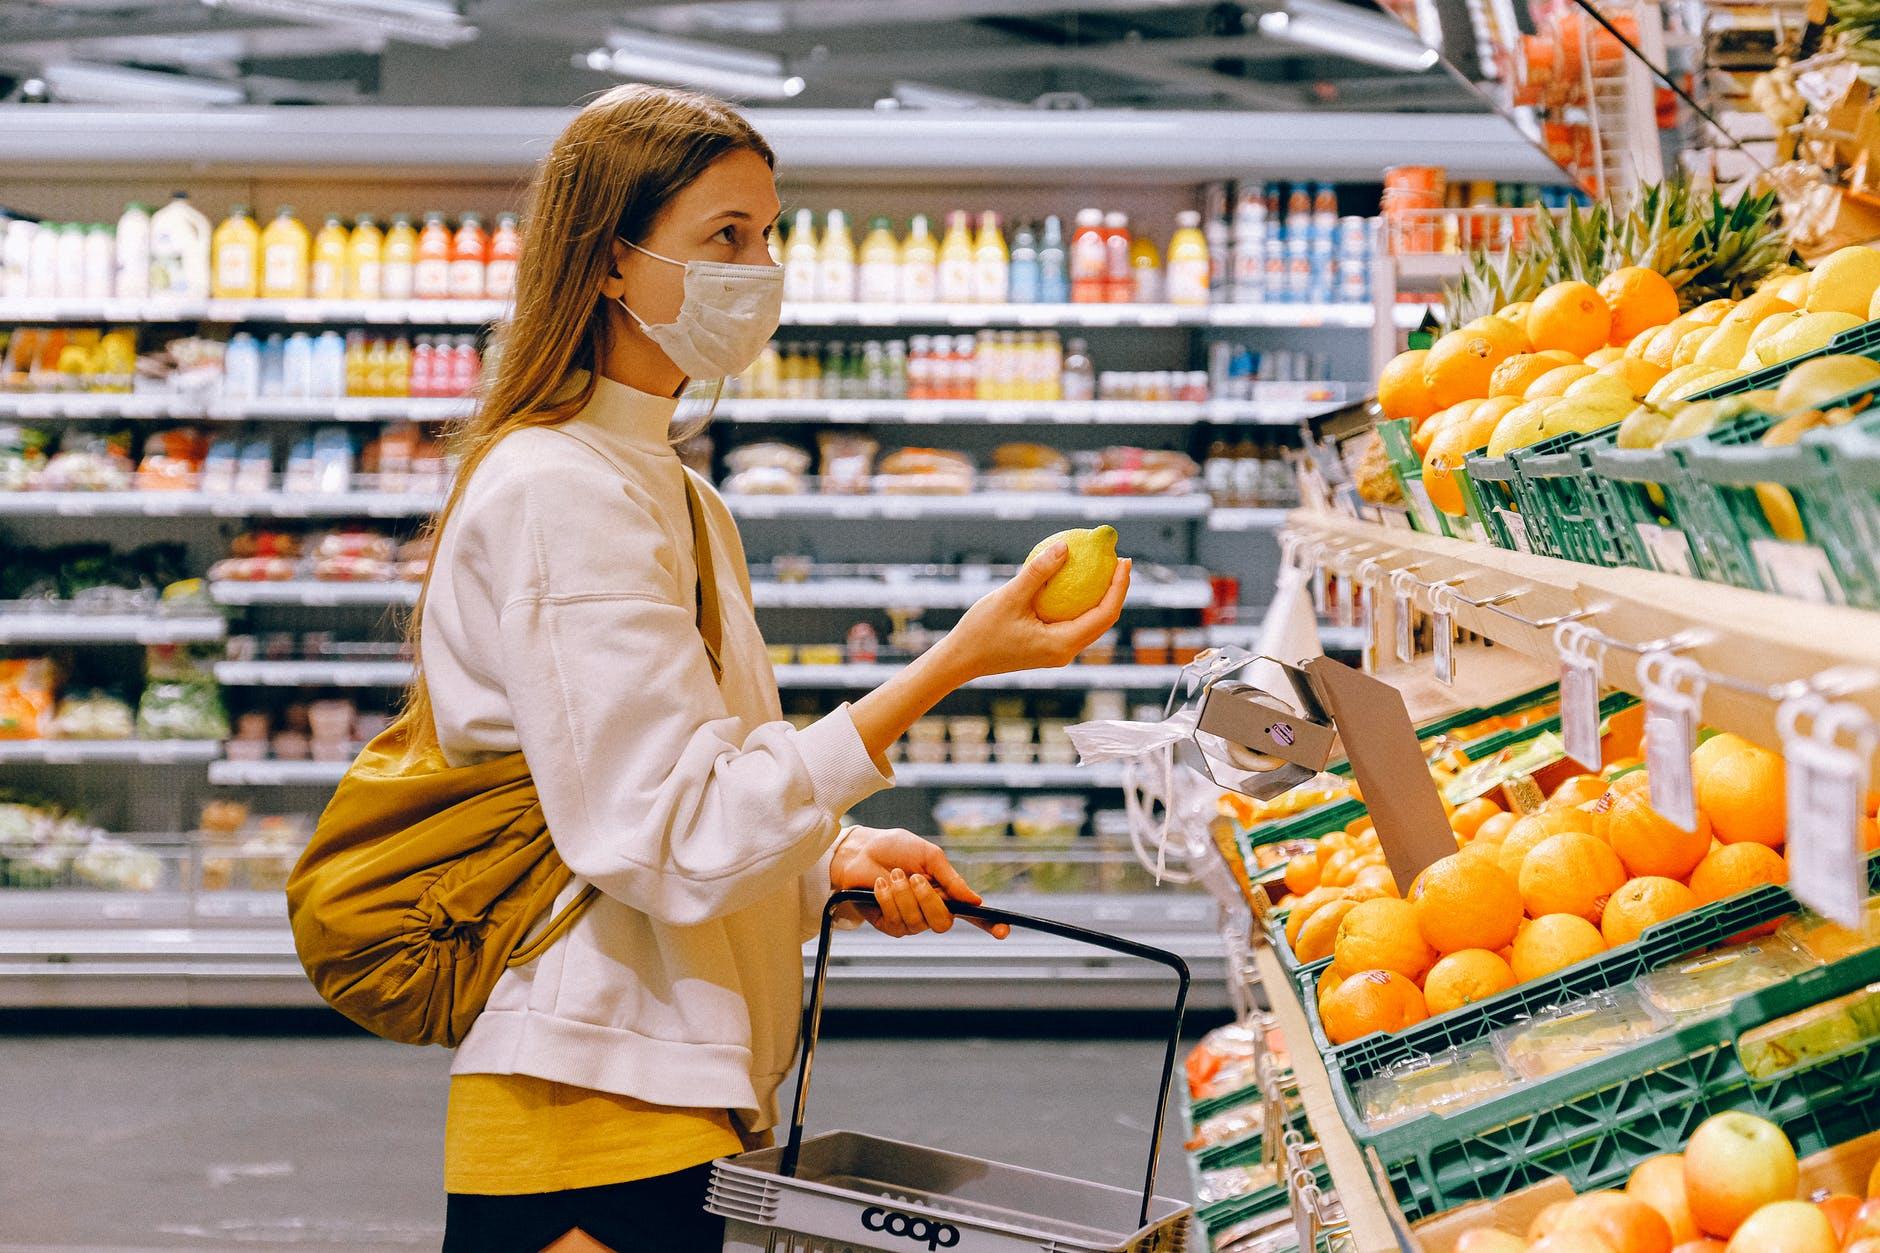 Alimente pe care trebuie să le eviți. Nutriționist: Nu mâncați nimic din ceea ce bunicii voștri n-ar recunoaște ca aliment